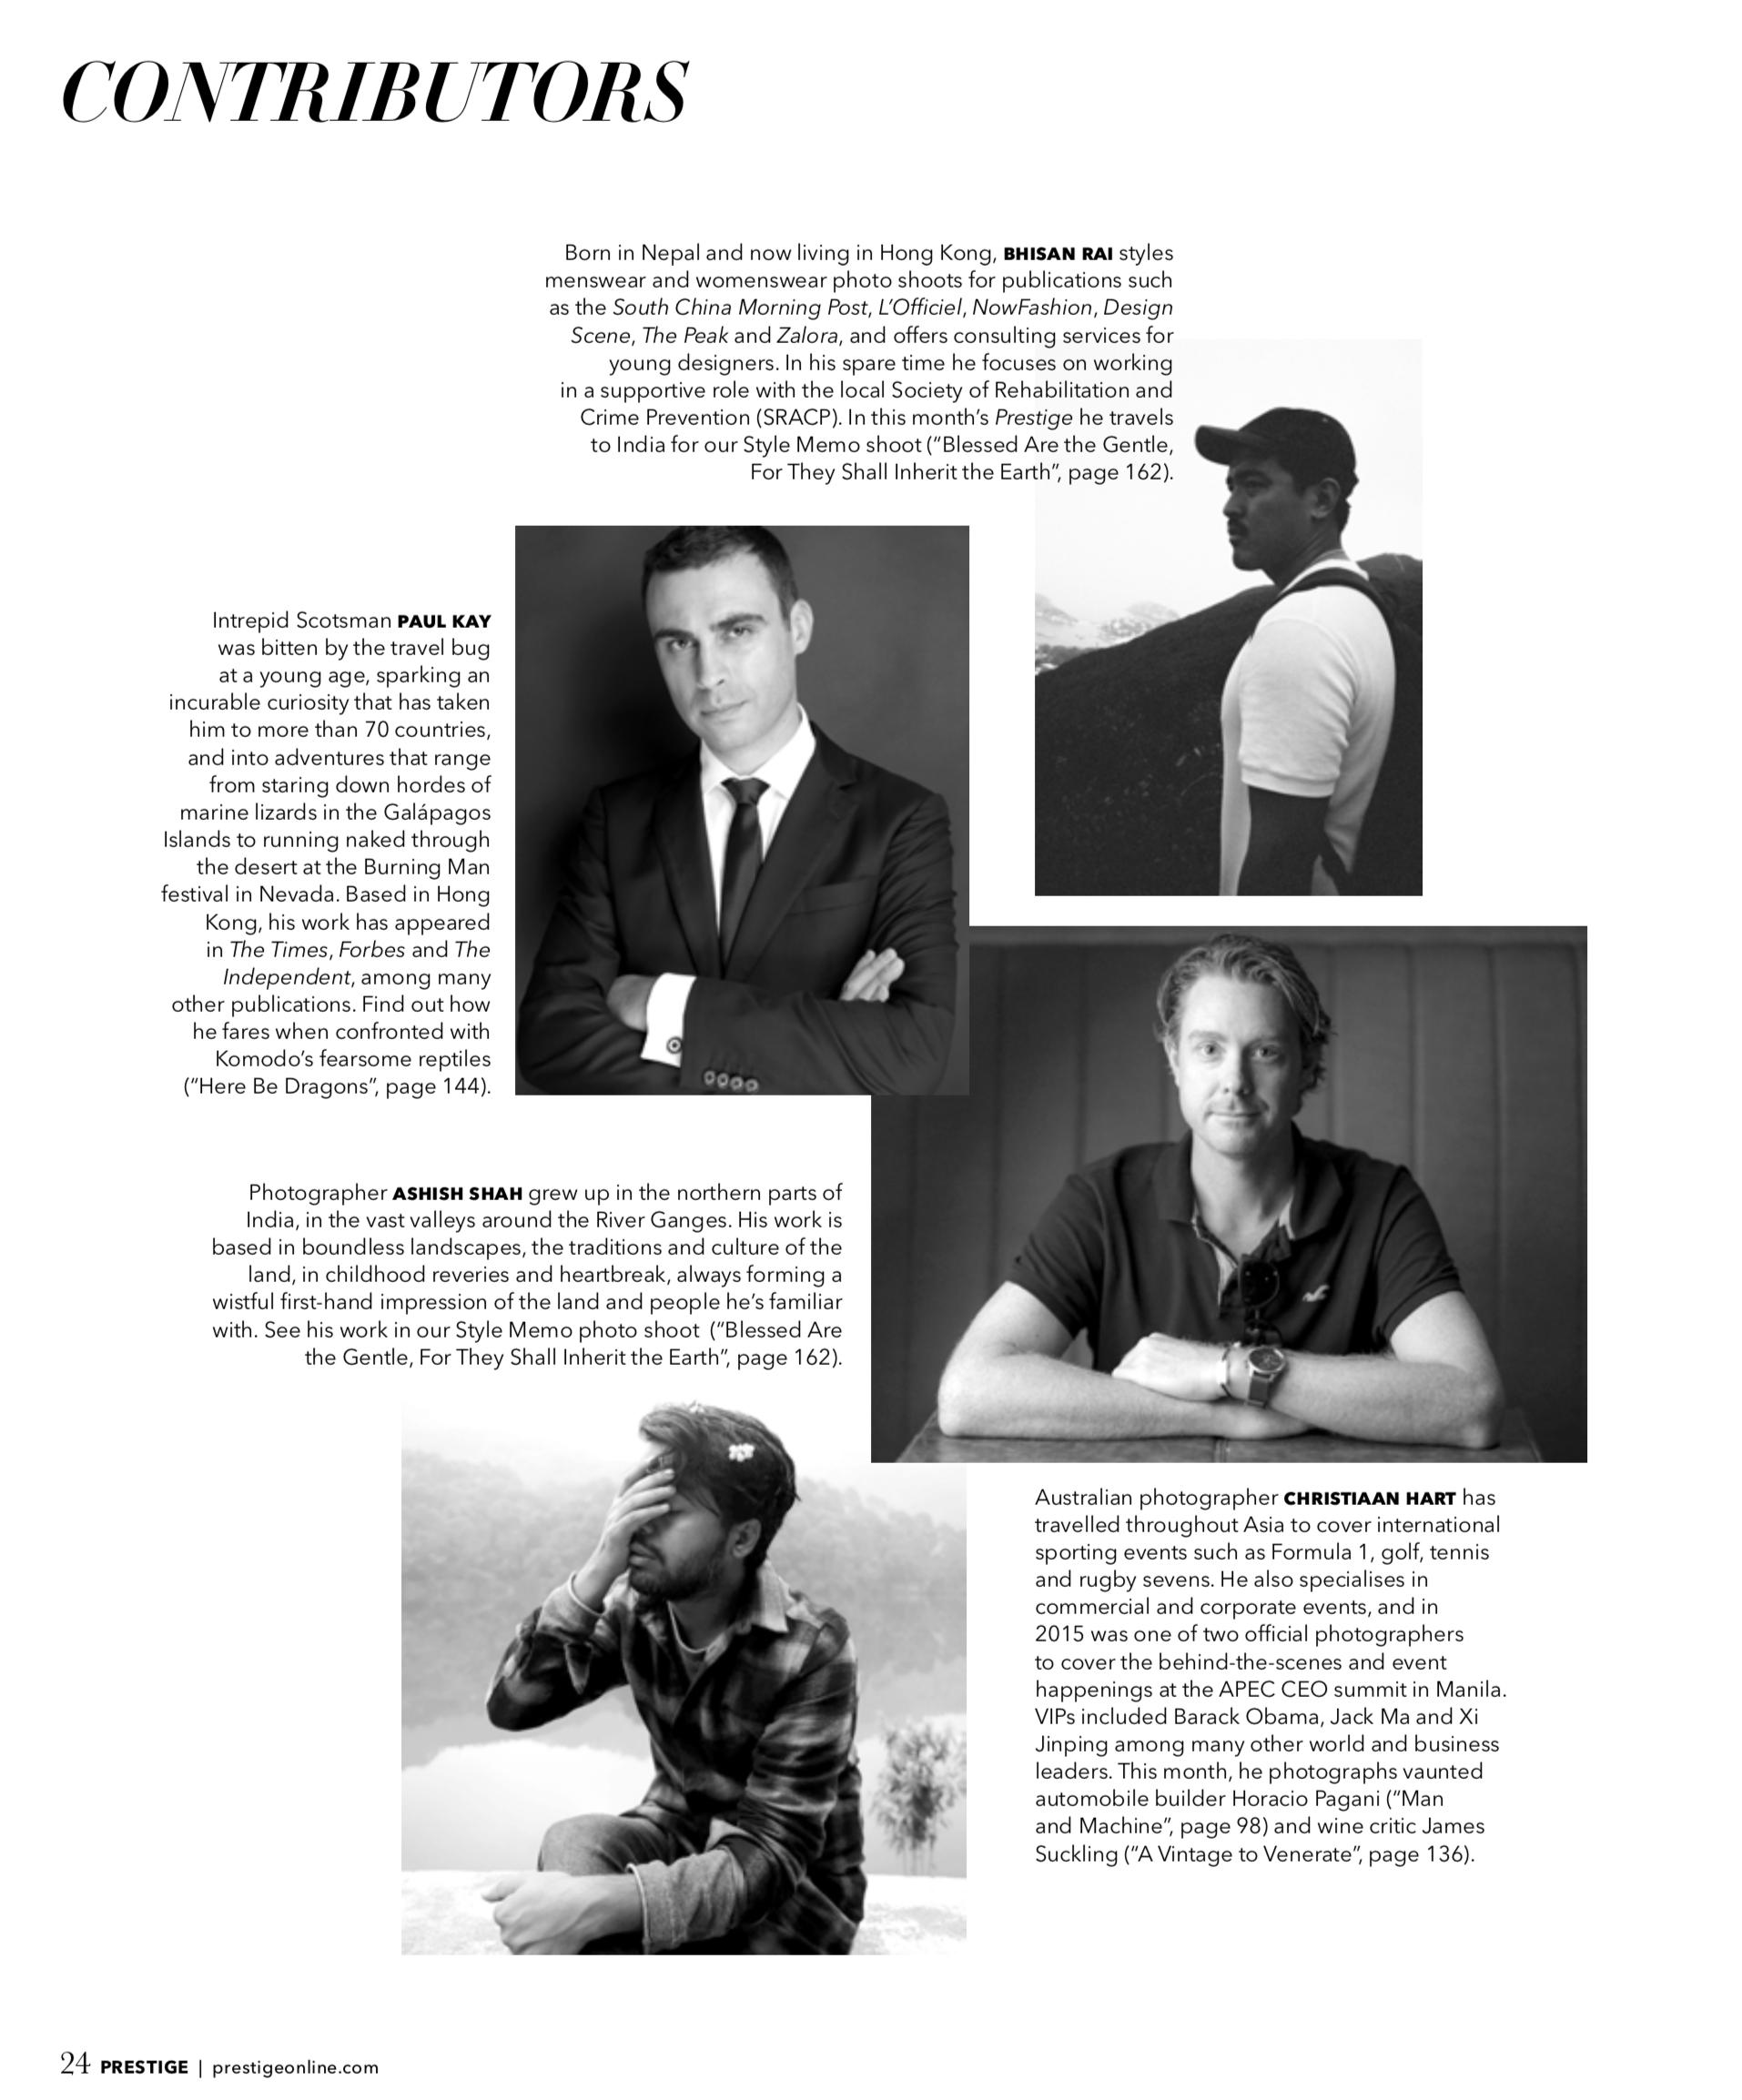 Prestige Magazine Contributor